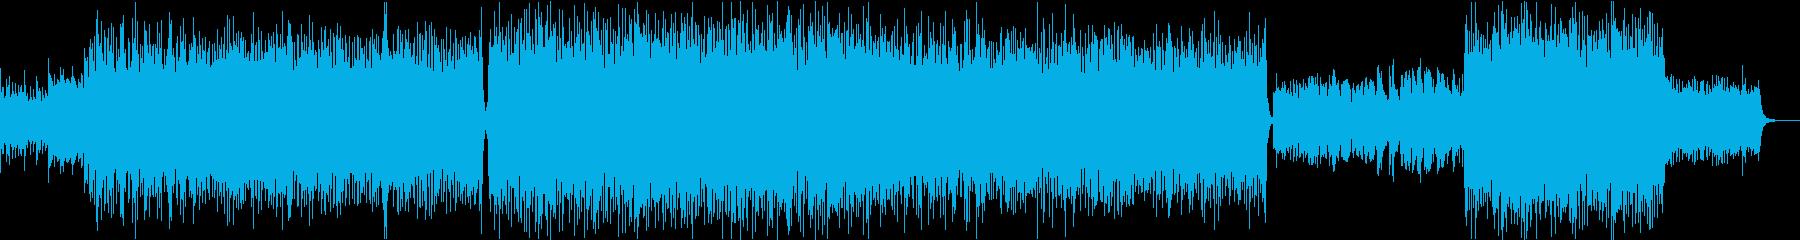 ピアノが印象的な疾走感のある曲の再生済みの波形